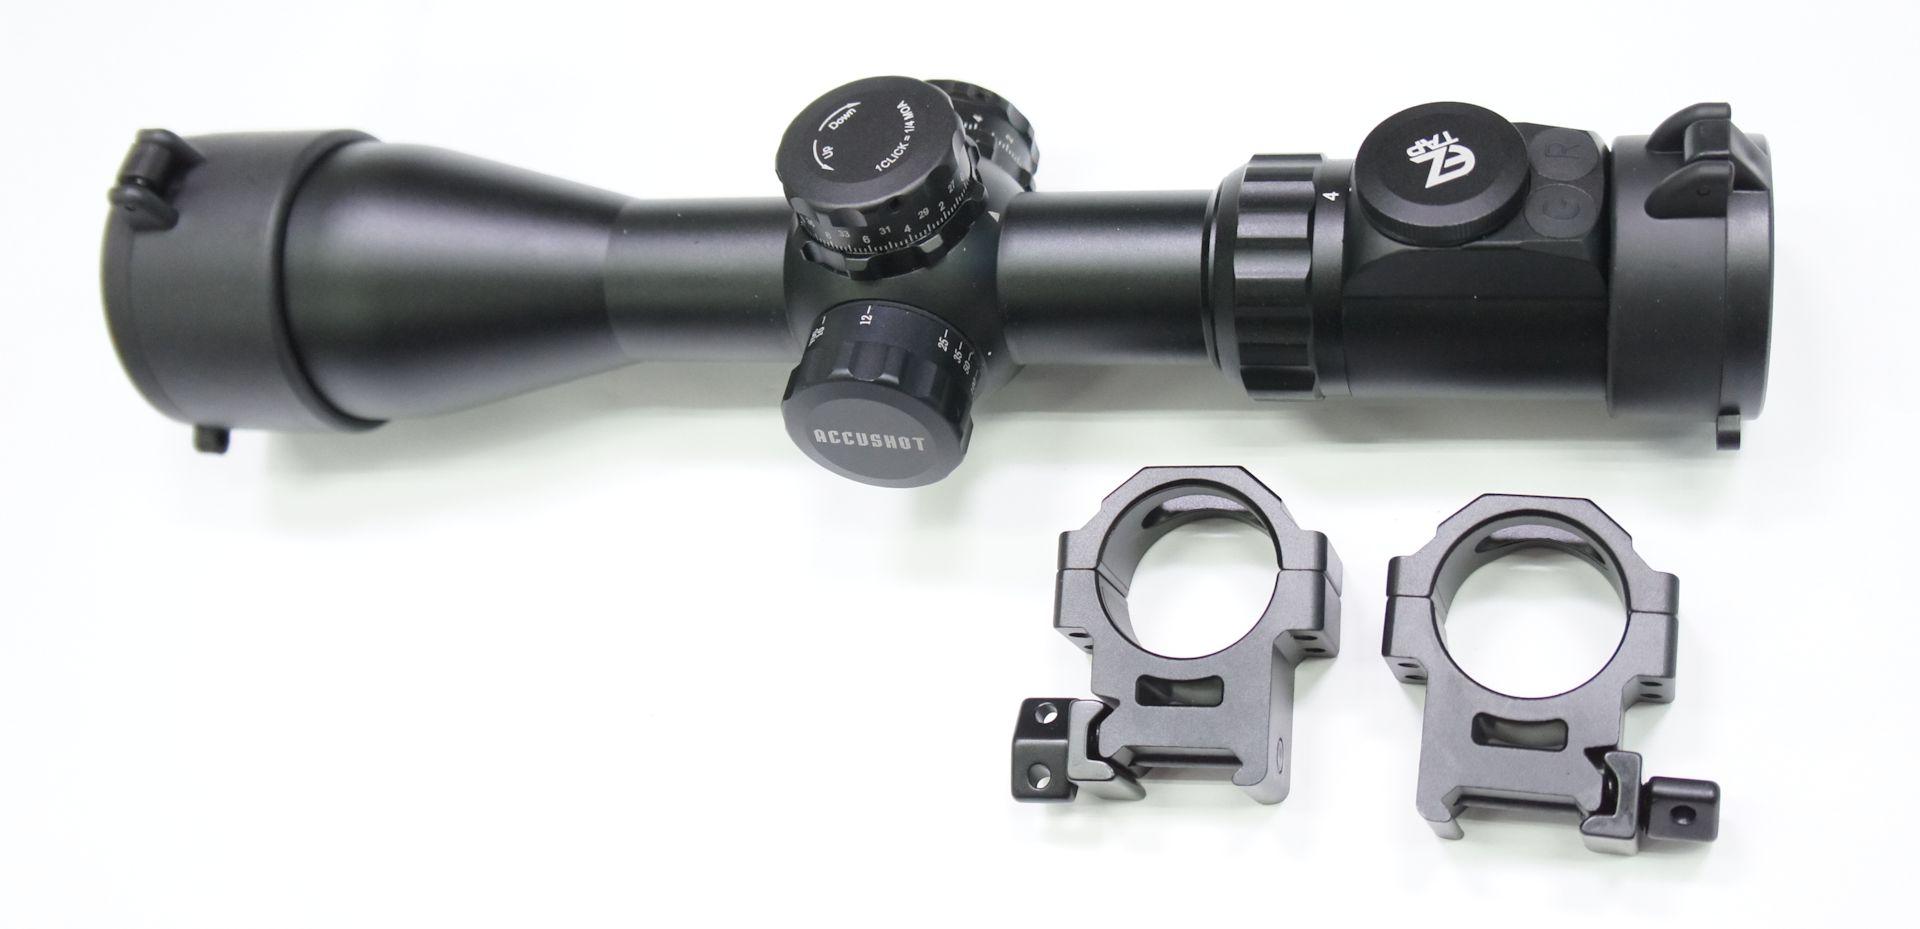 UTG compact 4-16x44 mit geätzten Glaslinsen, Absehen und Weaver Montagefüßen